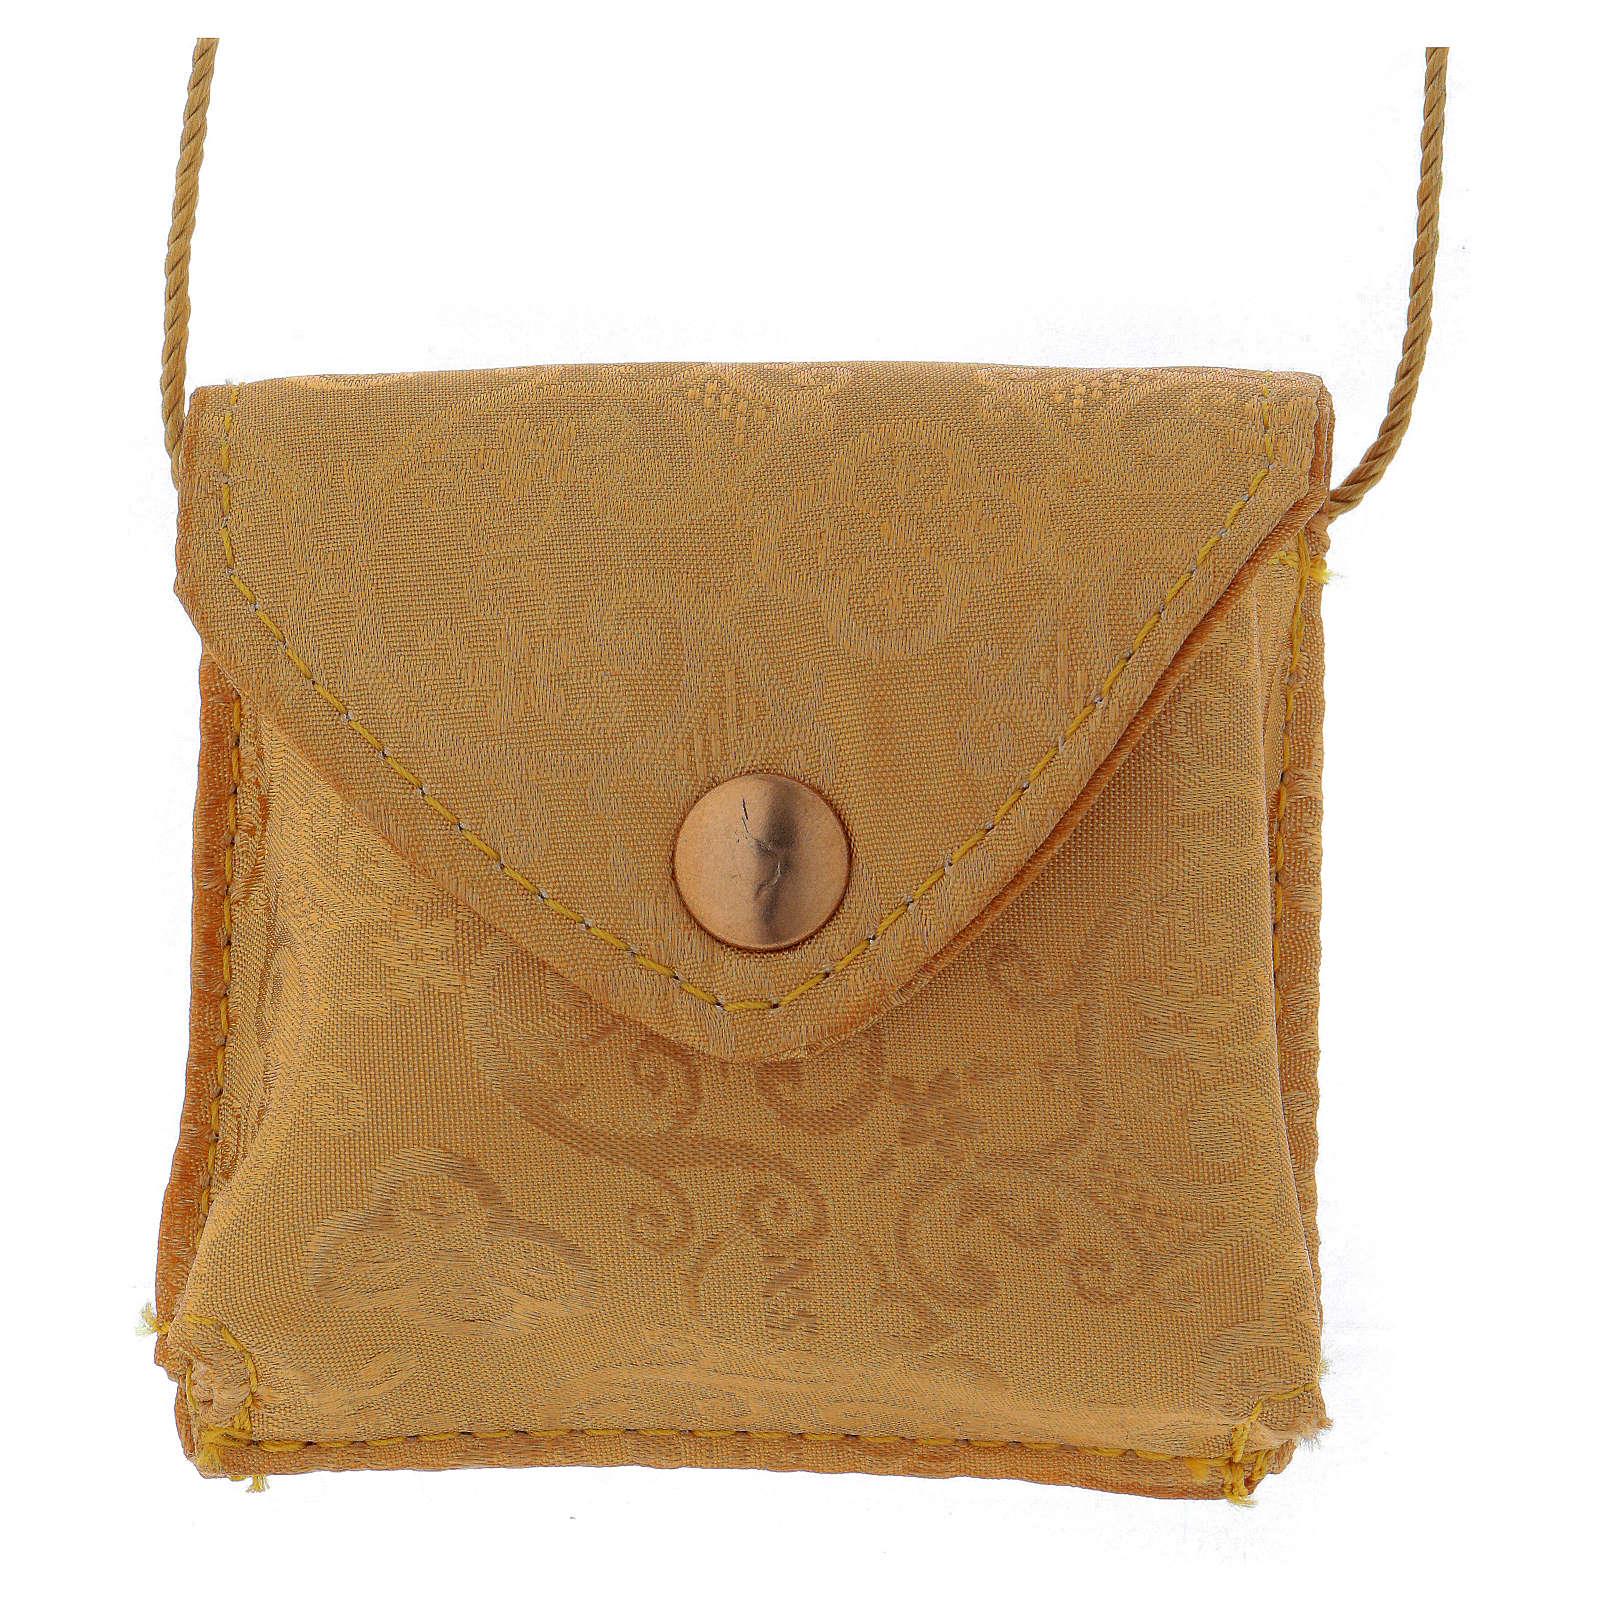 Étui pour custode en satin jaune et custode dorée 5 cm diamètre 3